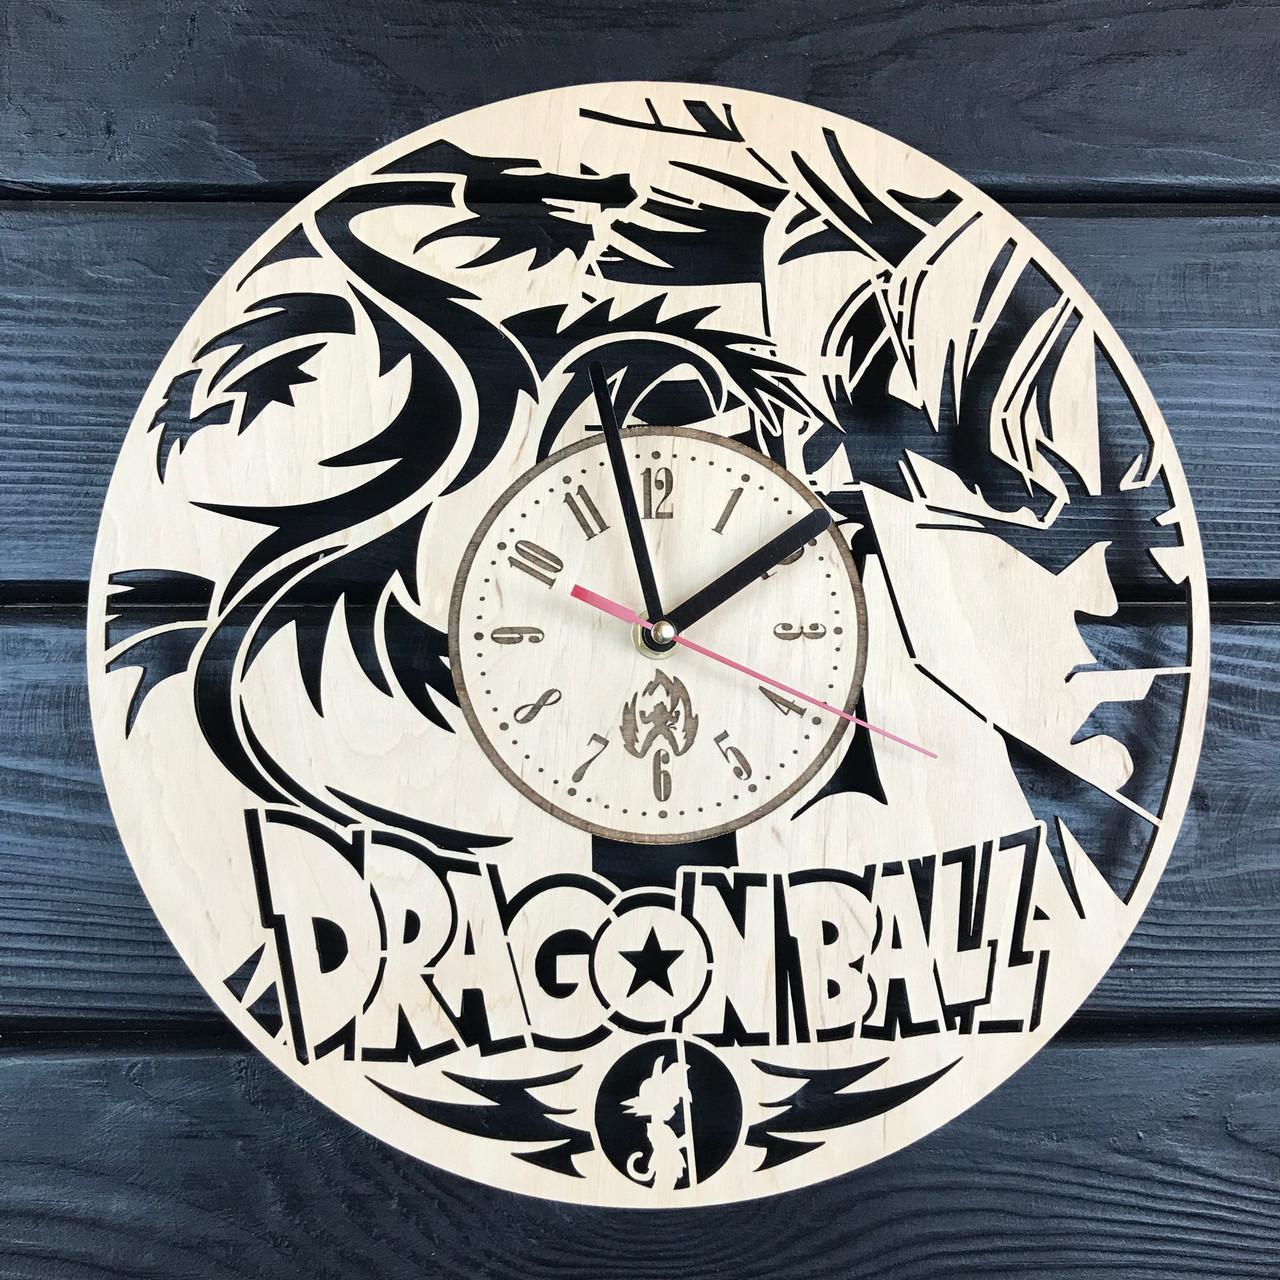 Необычные деревянные часы в интерьер «Dragon Ball»